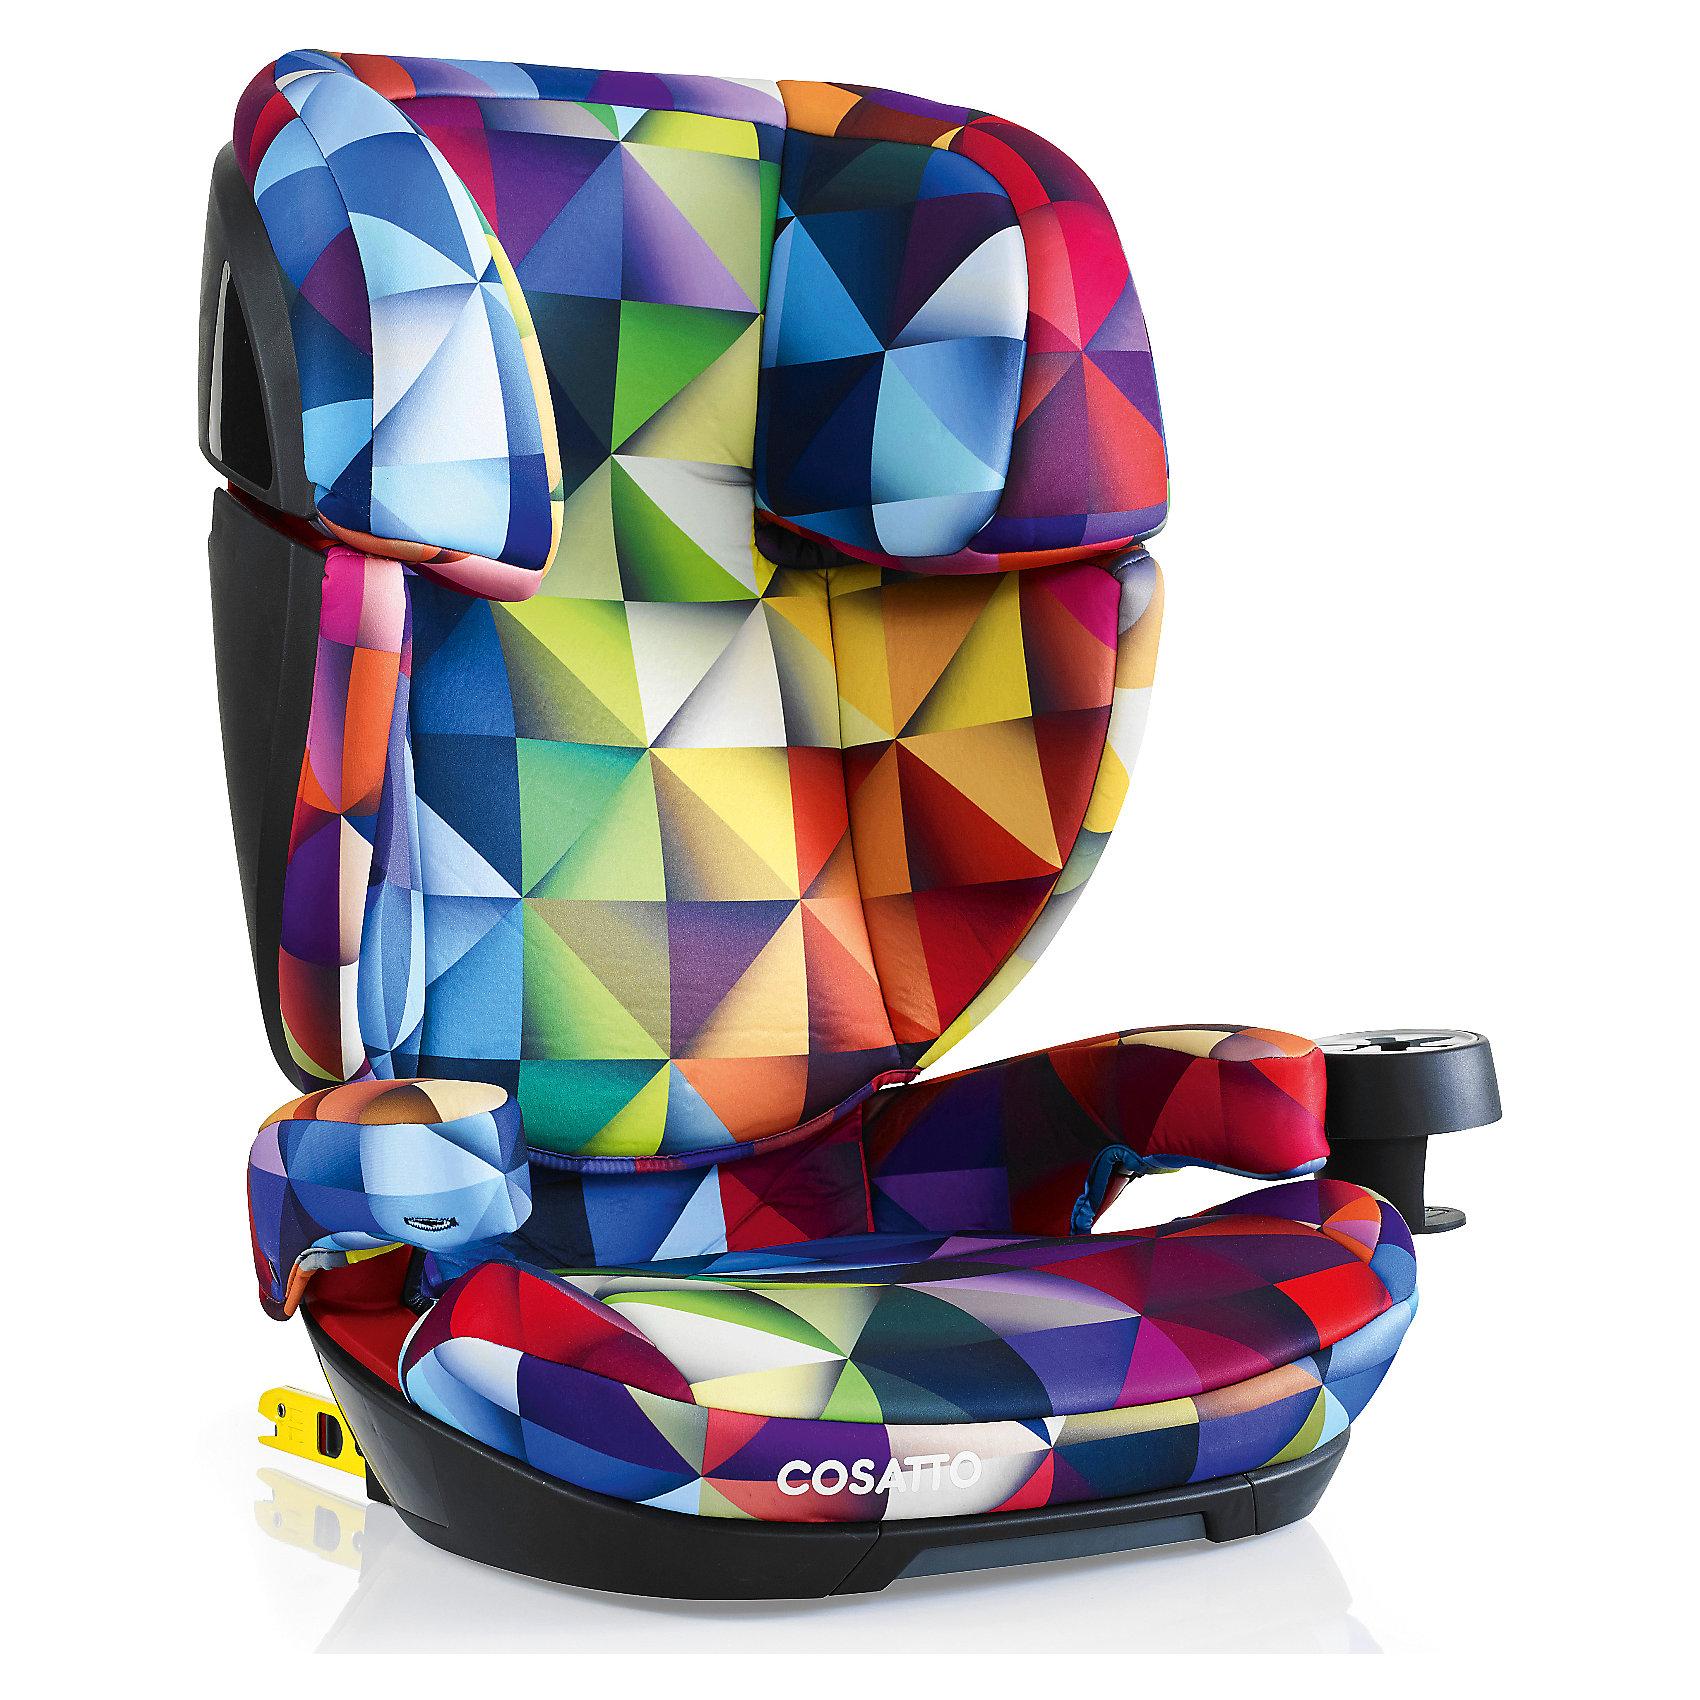 Автокресло Cosatto Skippa Isofix, 15-36 кг., SpectroluxeГруппа 2-3 (От 15 до 36 кг)<br>Автокресло 2017 года Cosatto Skippa Fix было создано для наиболее комфортных и максимально безопасных поездок в автомобиле. Модель предназначена для детей от 4 до 12 лет.<br><br>Особенностями автокресла являются надежная боковая защита, мягкое удобное сиденье и съемный держатель для напитков.<br><br>Характеристики:<br><br>    Для детей от 4 до 12 лет, весом от 15 до 36 кг<br>    Устанавливается в автомобиле лицом по ходу движения с помощью штатных 3-точечных ремней безопасности либо системы крепления Isofix<br>    Надежная защита от боковых ударов<br>    2 положения по наклону<br>    Спинка, регулируемая по высоте<br>    Комфортное мягкое сиденье<br>    Съемный подстаканник<br>    Моющиеся чехлы<br>    Соответствует европейскому стандарту ECE R44/04<br><br>Ширина мм: 750<br>Глубина мм: 450<br>Высота мм: 330<br>Вес г: 8000<br>Возраст от месяцев: -2147483648<br>Возраст до месяцев: 2147483647<br>Пол: Унисекс<br>Возраст: Детский<br>SKU: 5629504